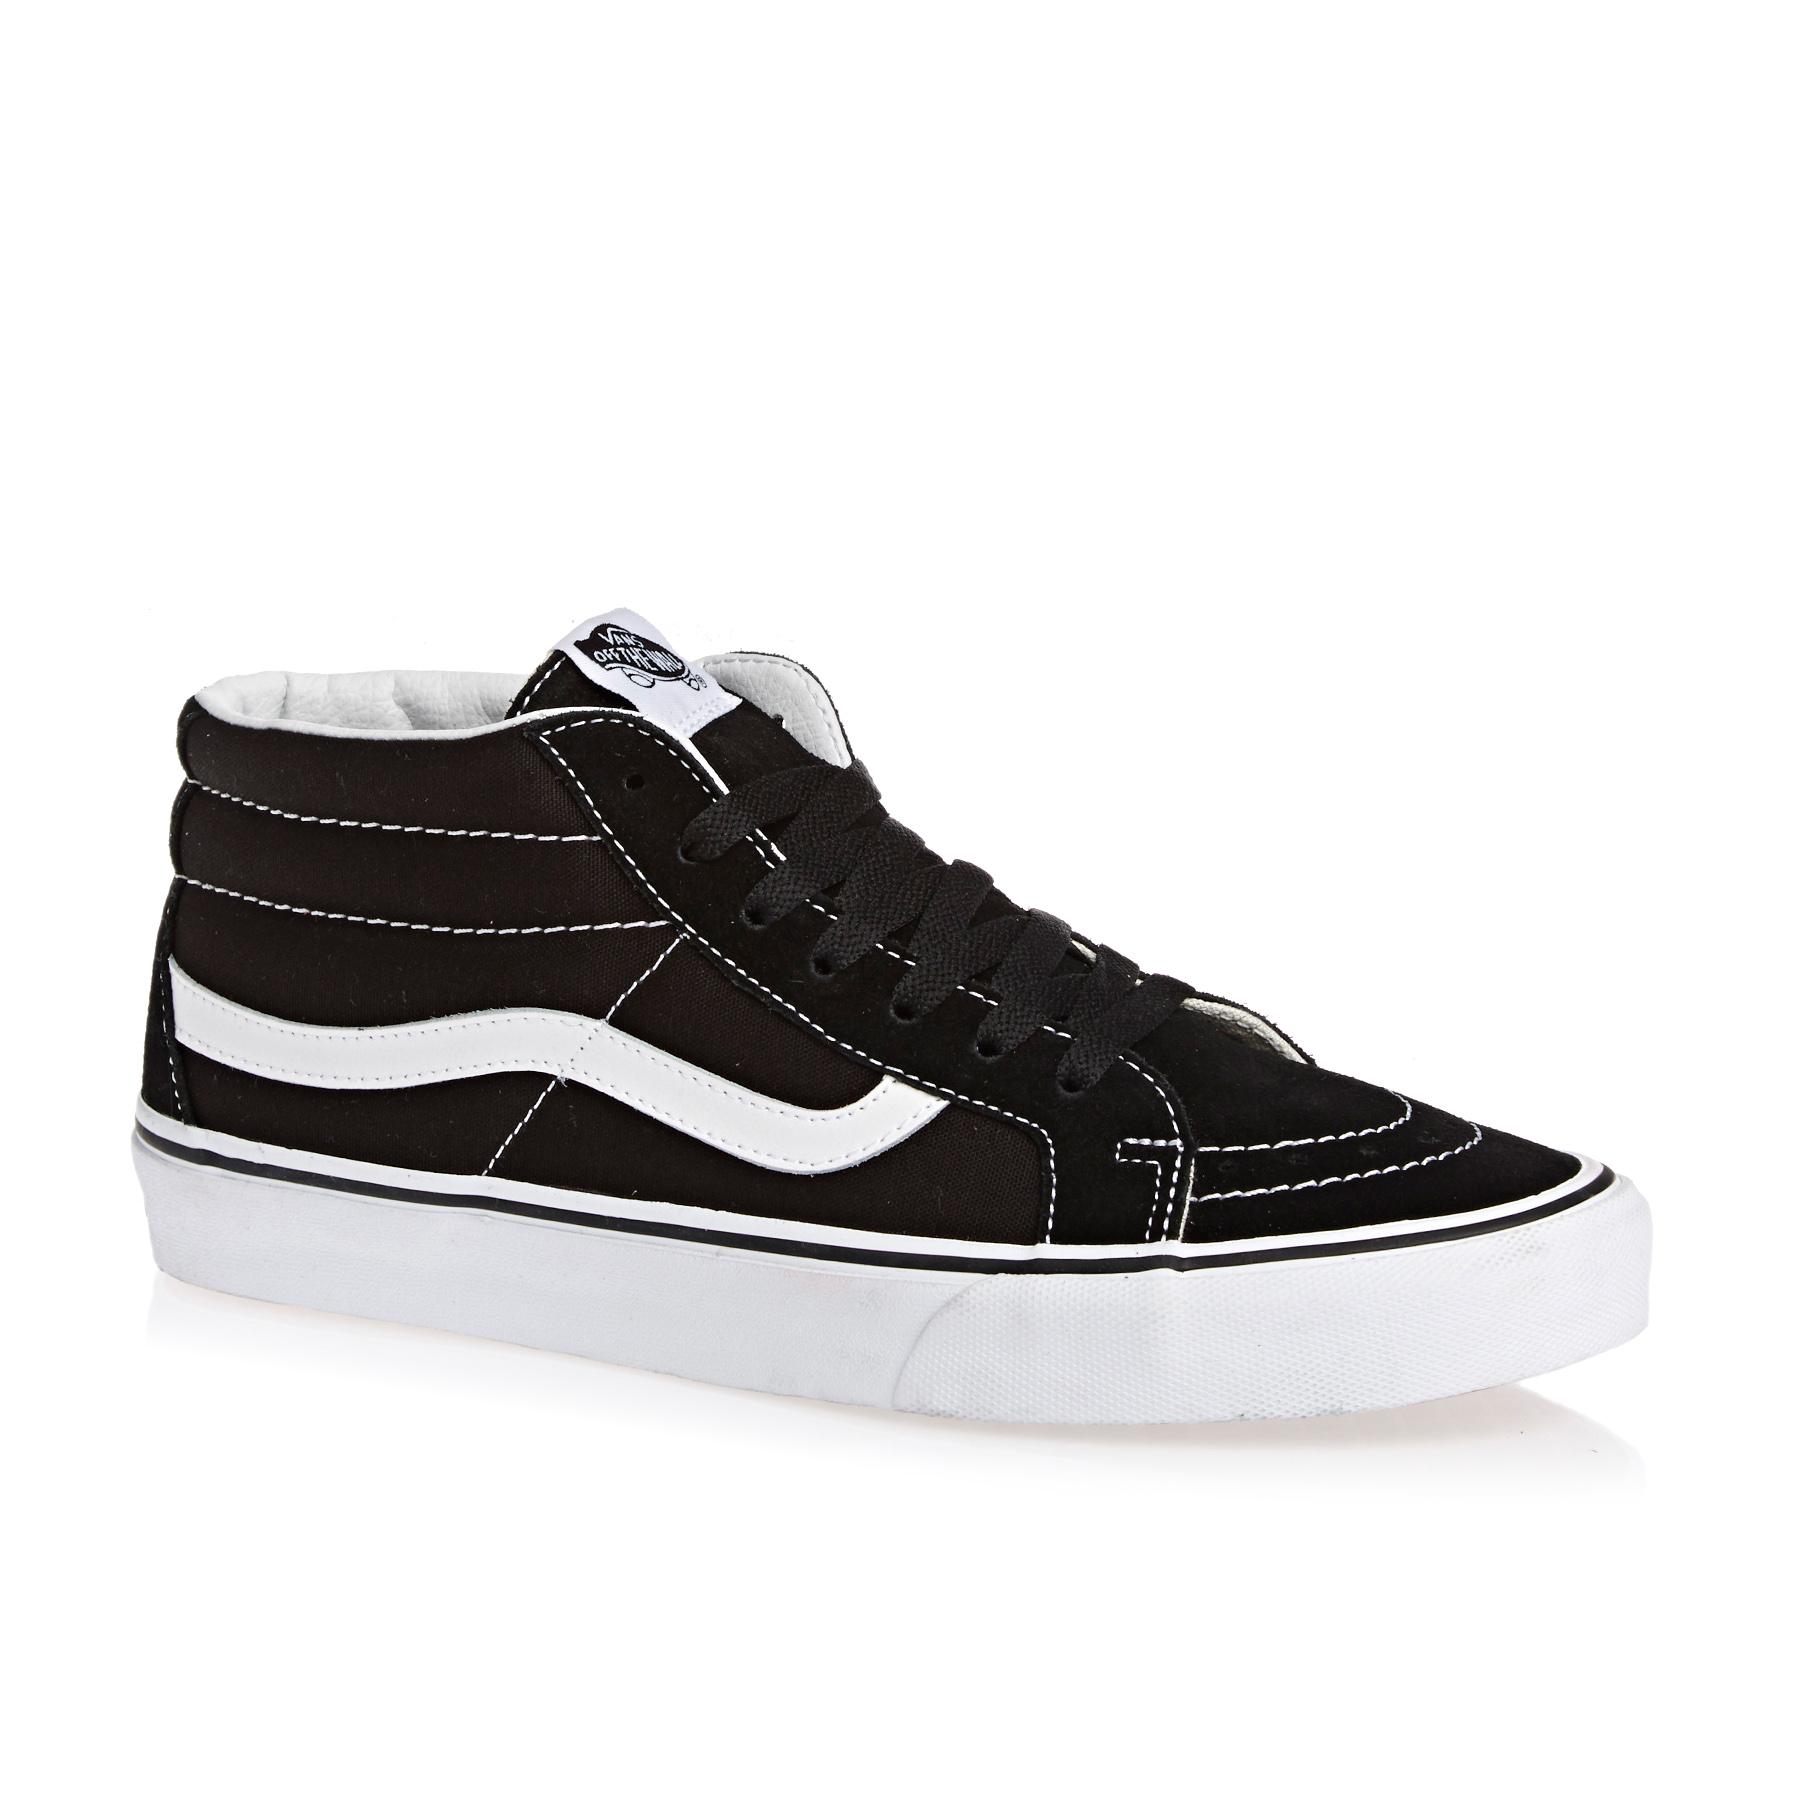 Chaussures Vans SK8 Mid Reissue | Livraison gratuite dès 30